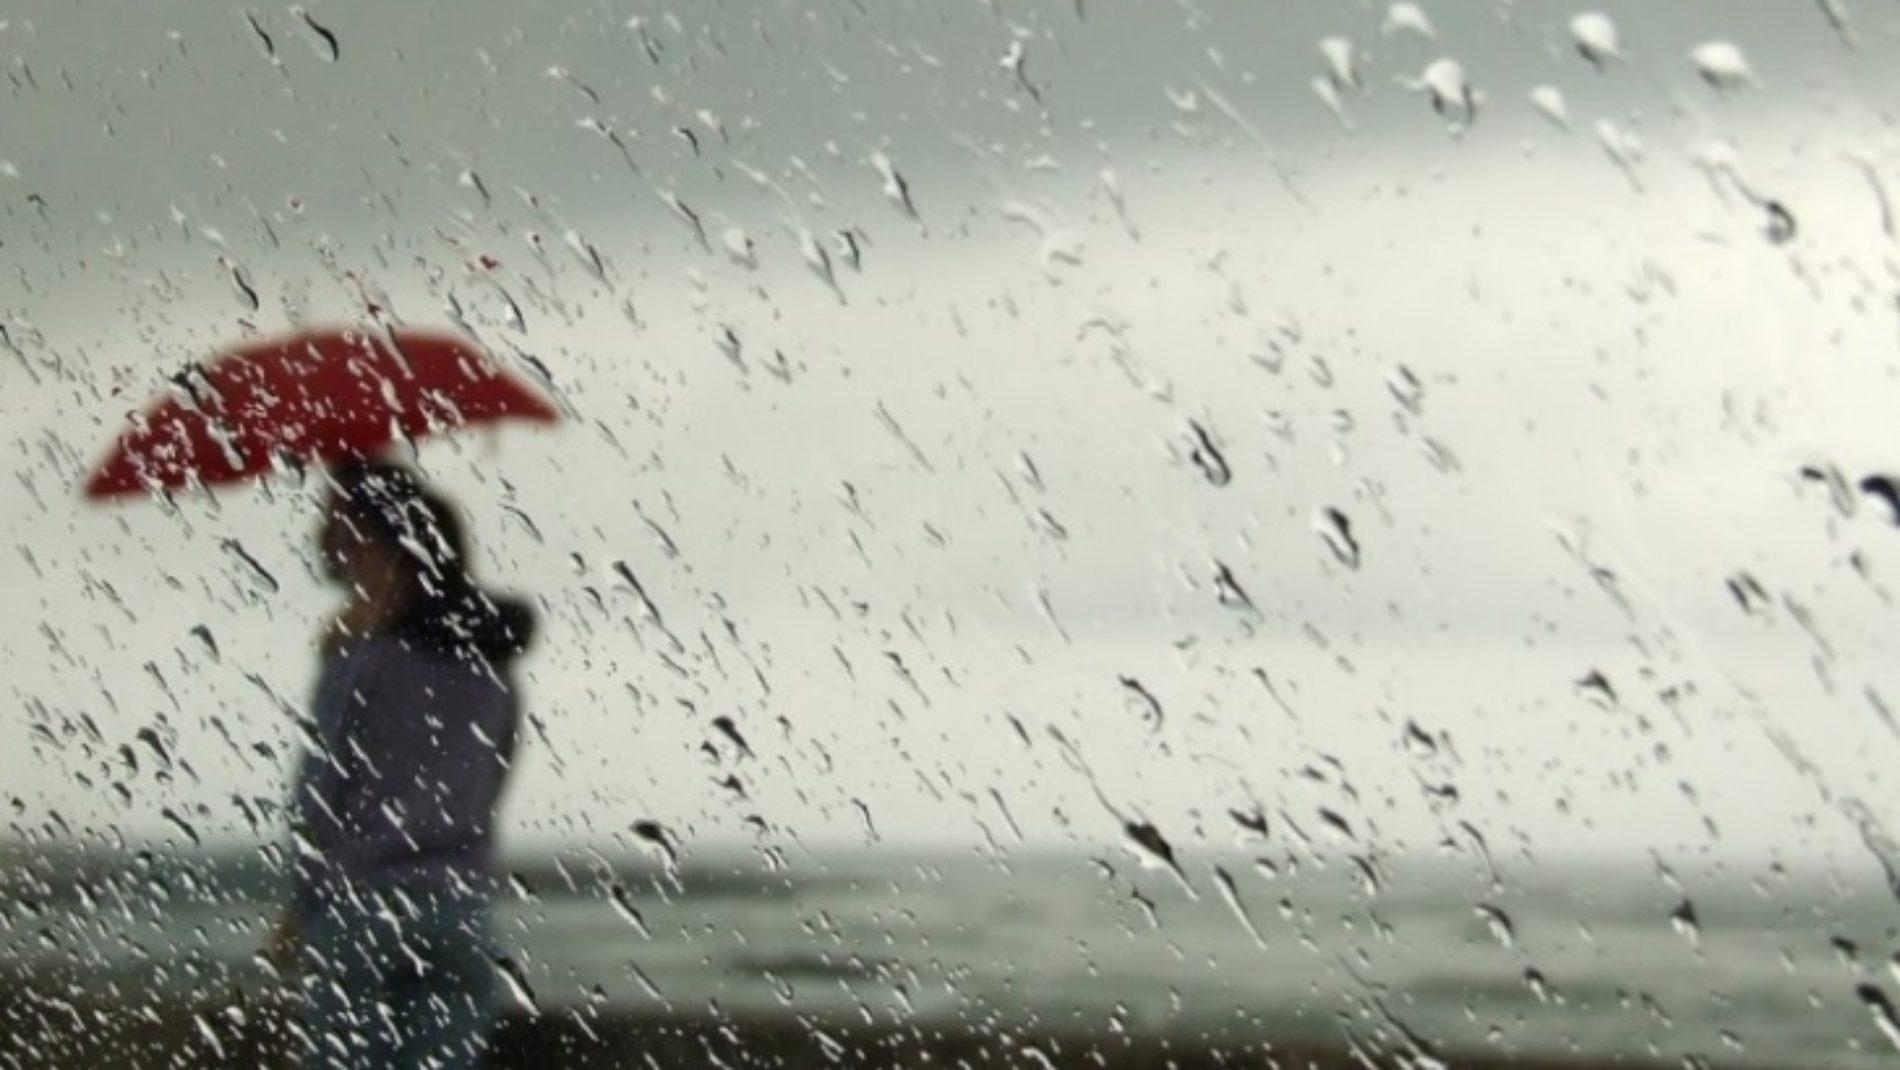 Depressão Norberto chegou com vento forte e descida de temperaturas